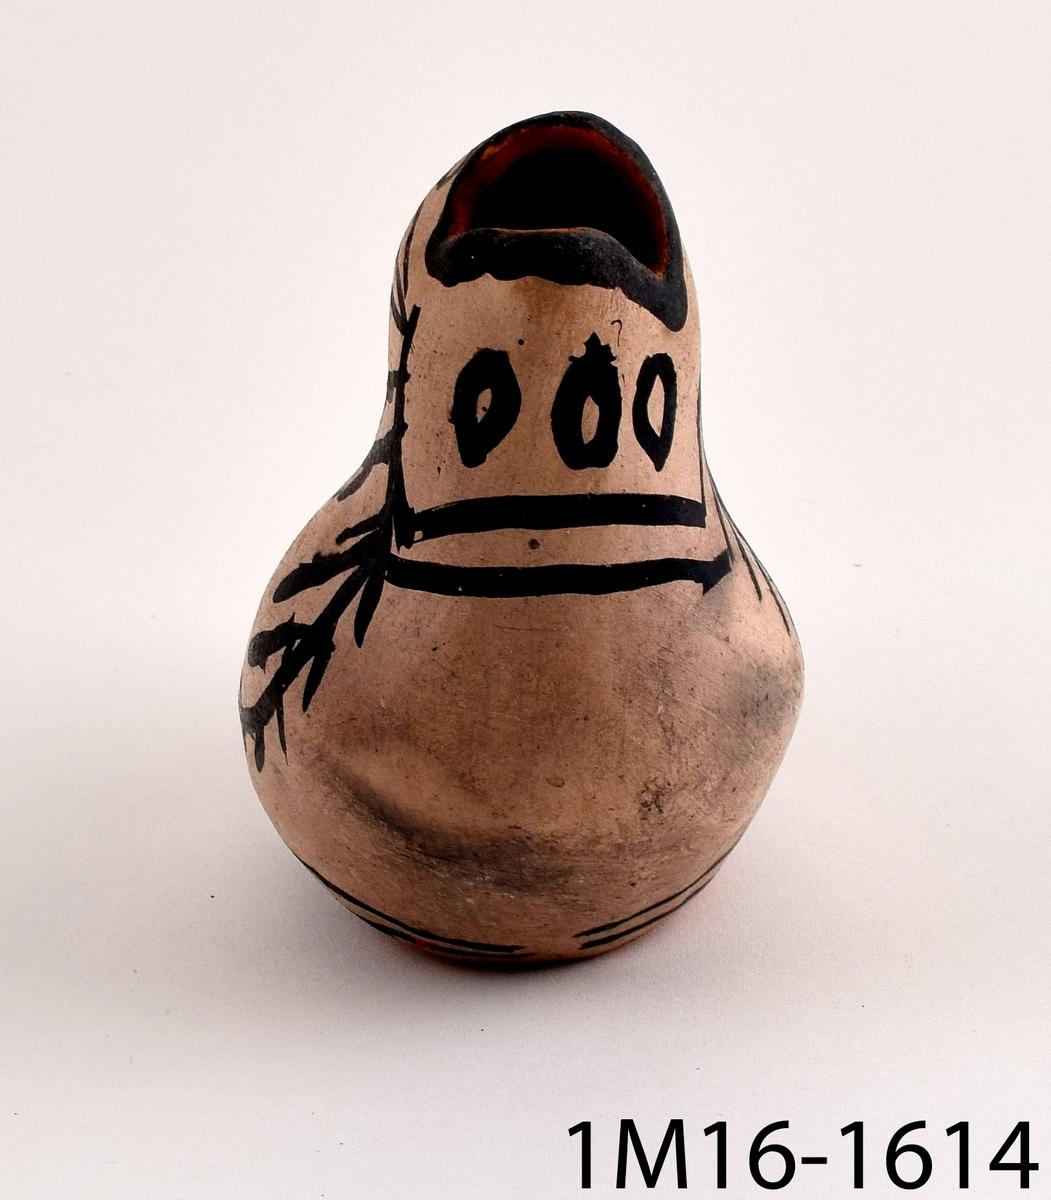 Kanna i form av en keramikfågel som även är utformad som en tillbringare. Fågeln är vitmålad med svart dekor bestående av bland annat prickar och ränder.